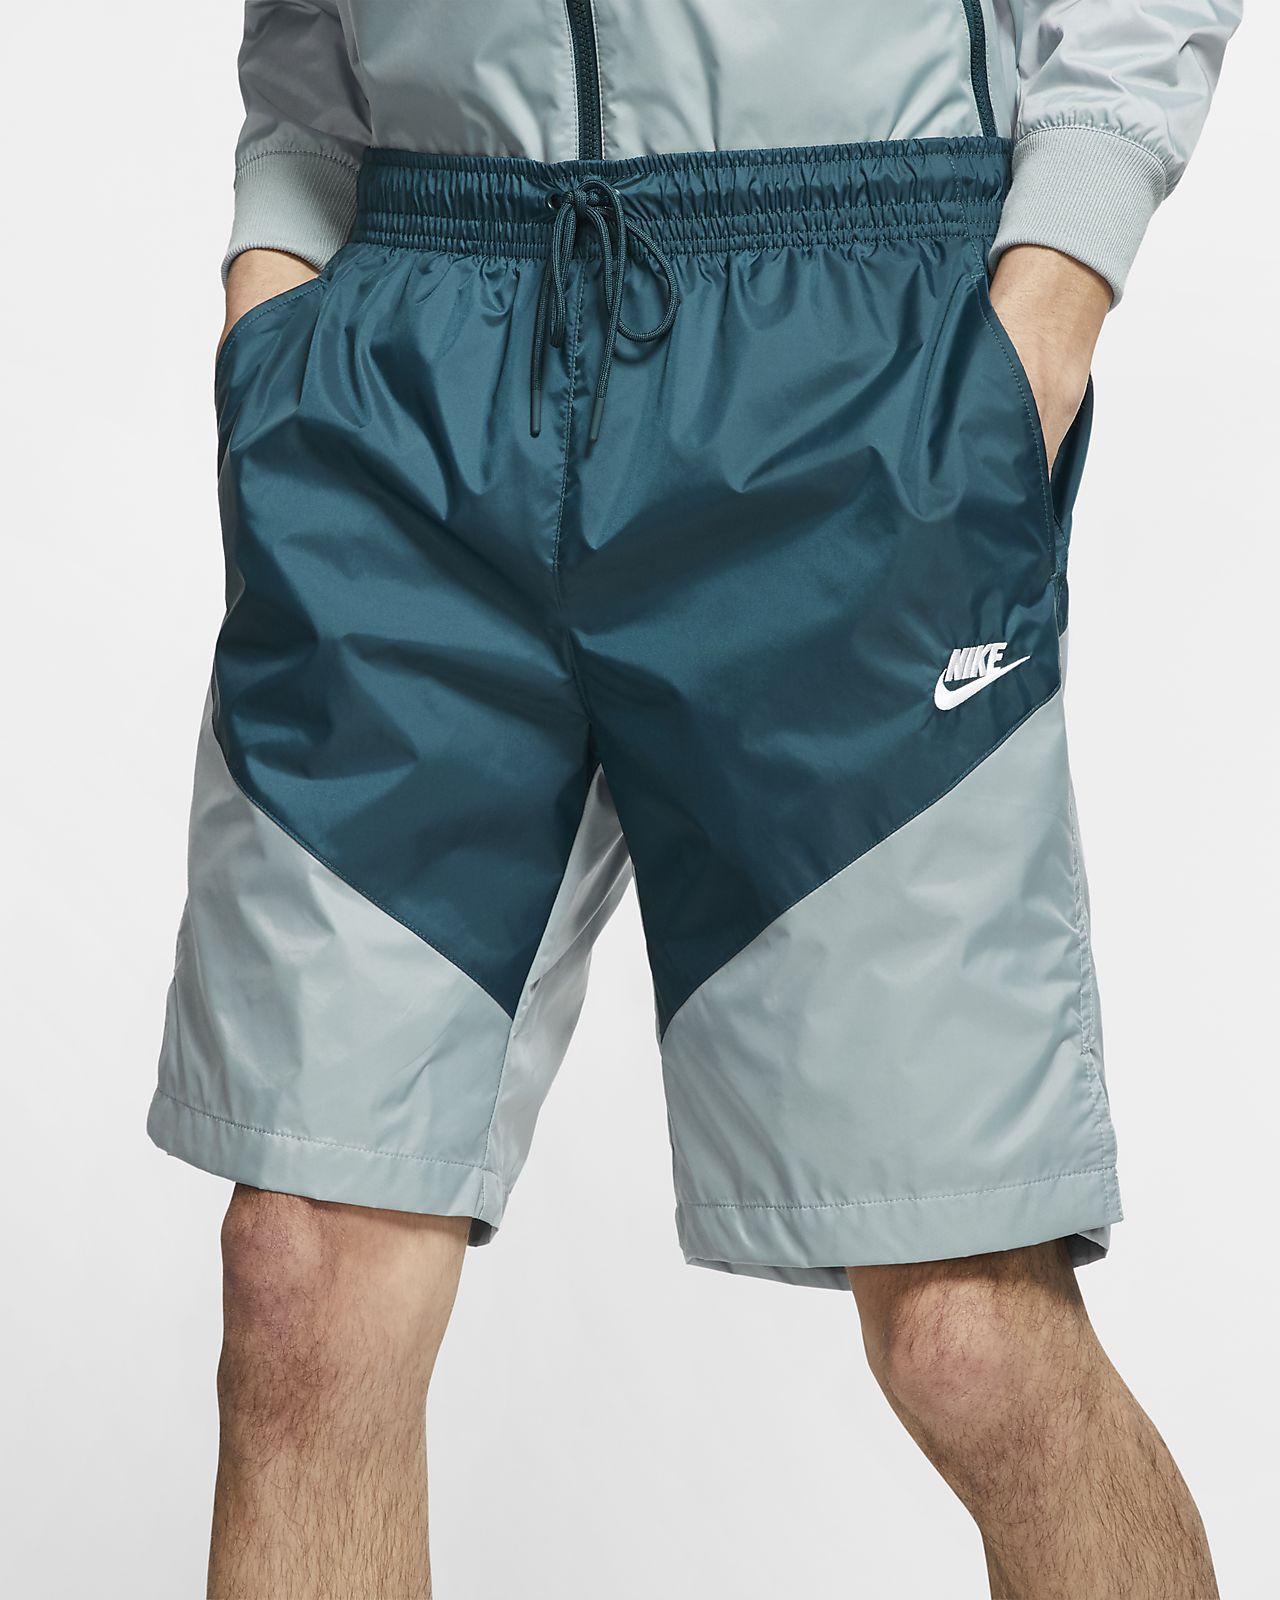 Nike Sportswear Windrunner Men's Track Shorts